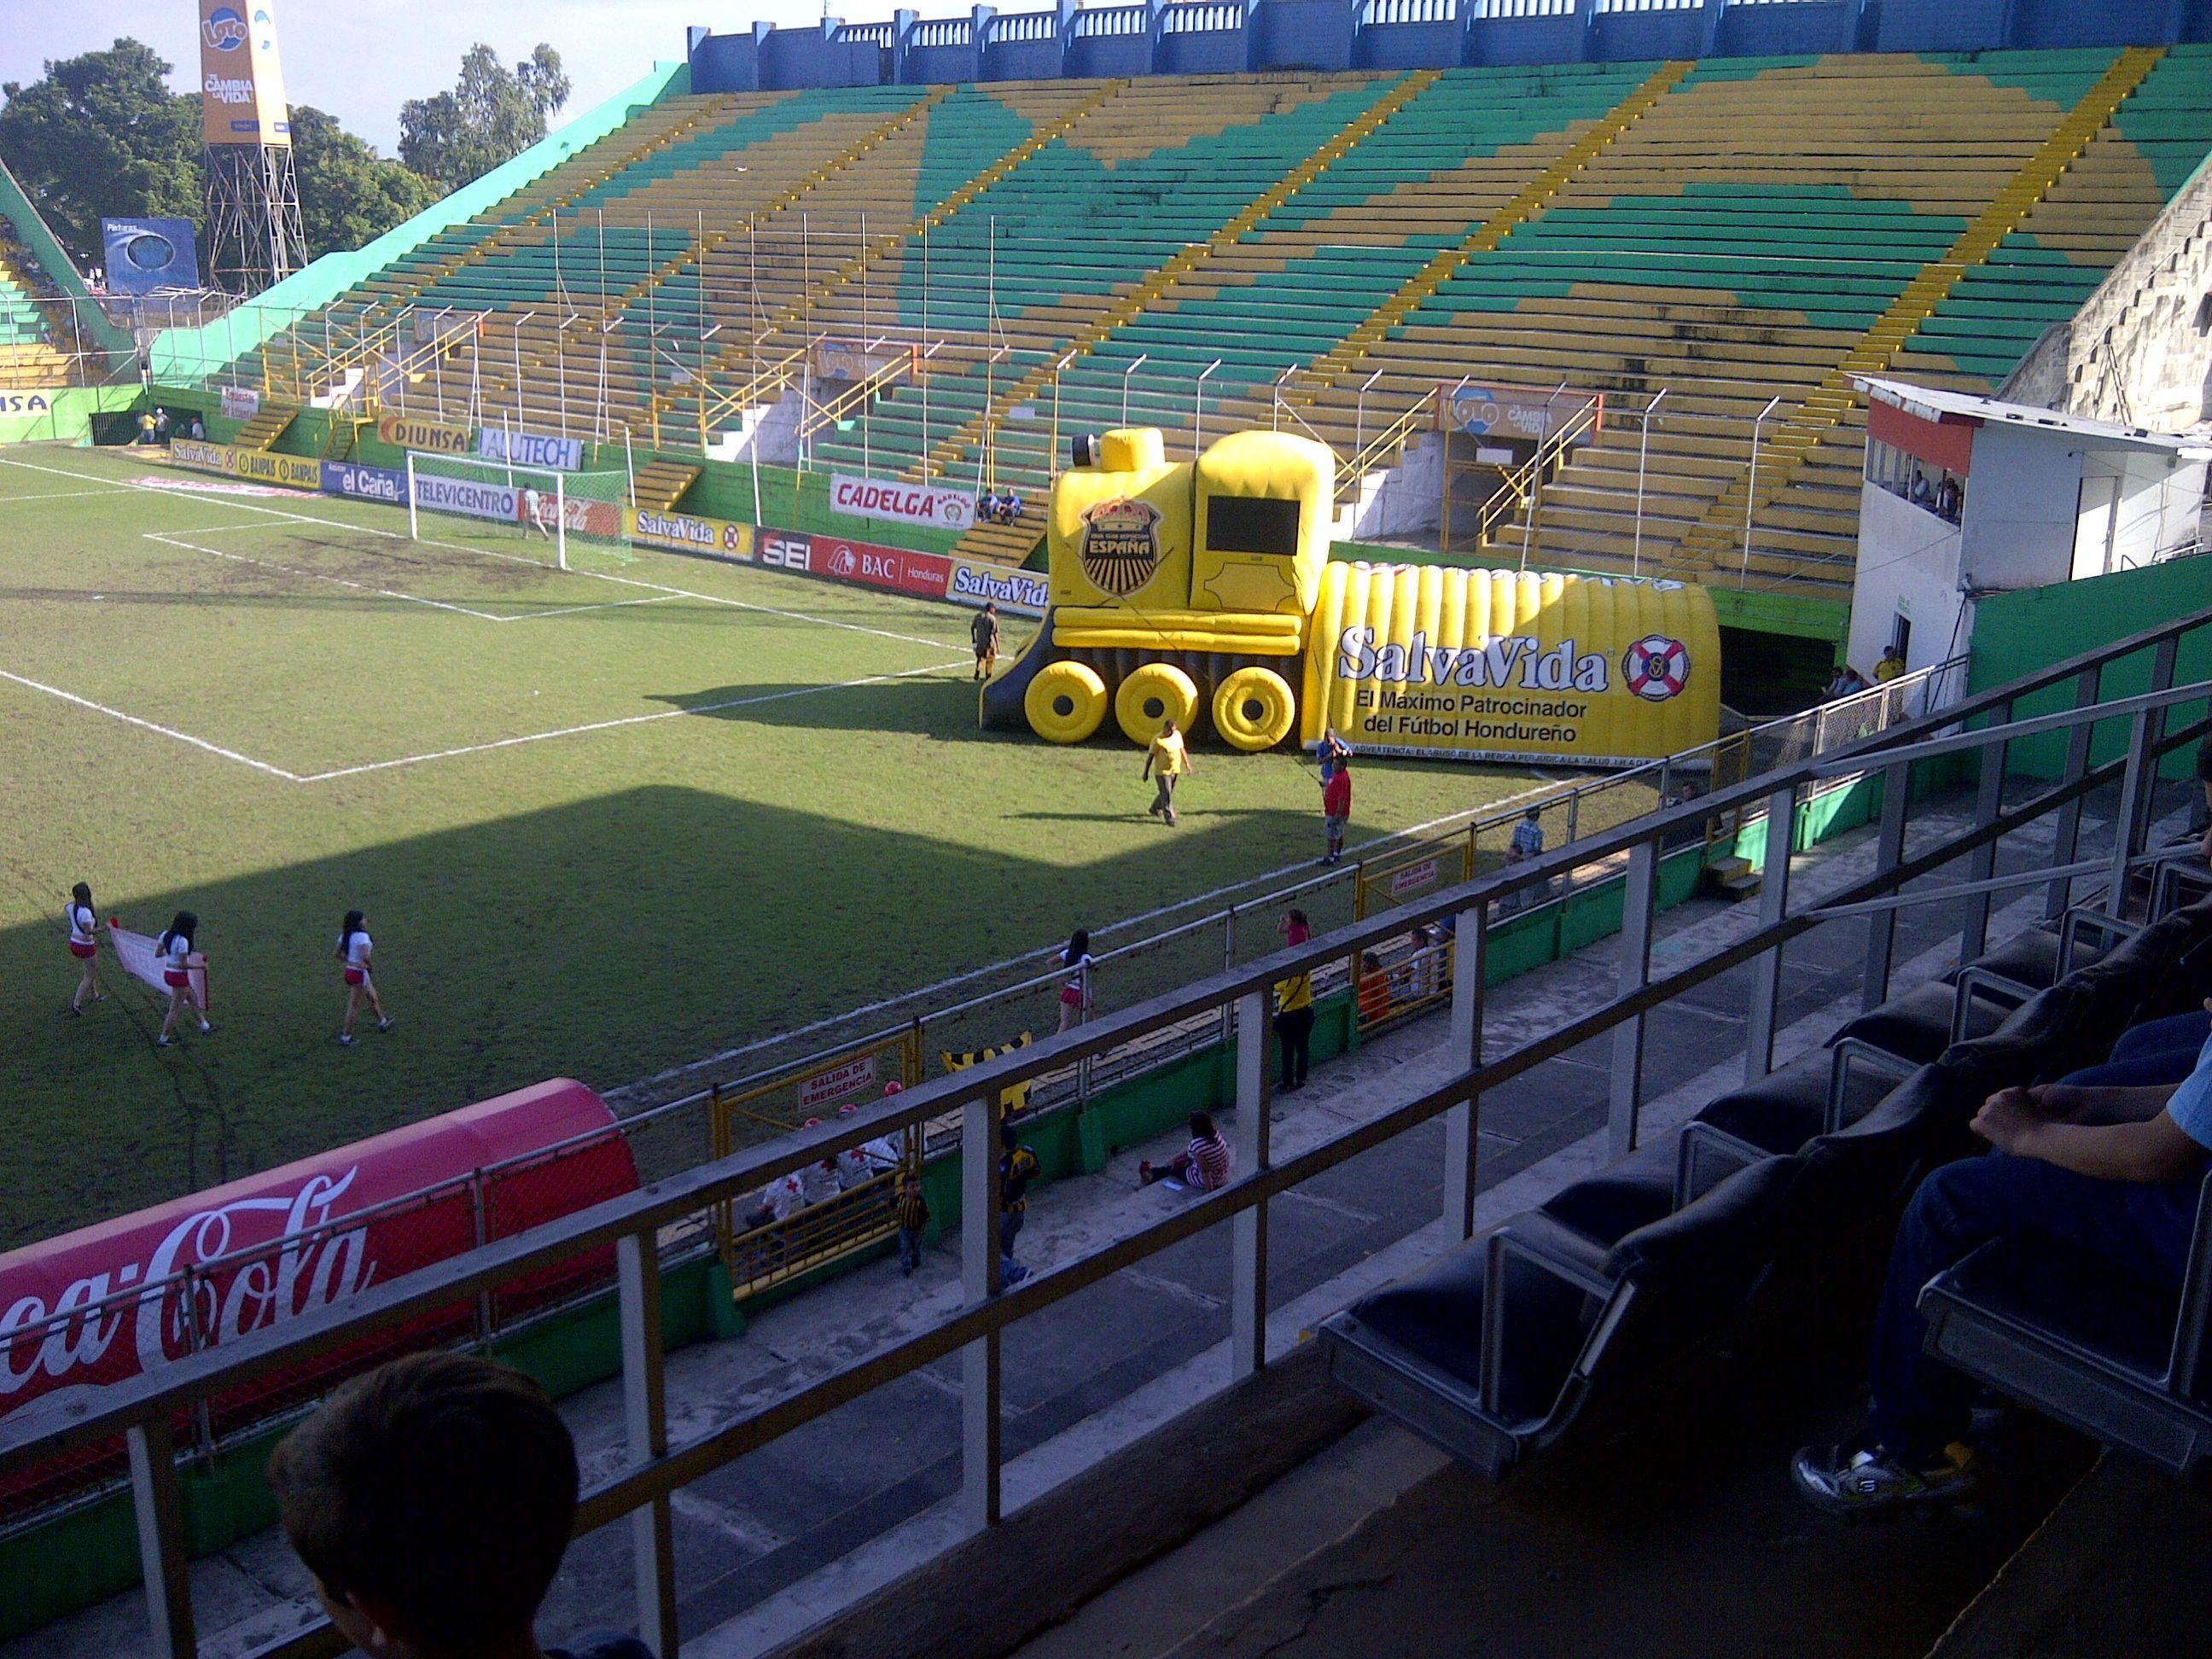 Estadio Francisco Morazan, San Pedro Sula #sanpedrosula Estadio Francisco Morazan, San Pedro Sula #sanpedrosula